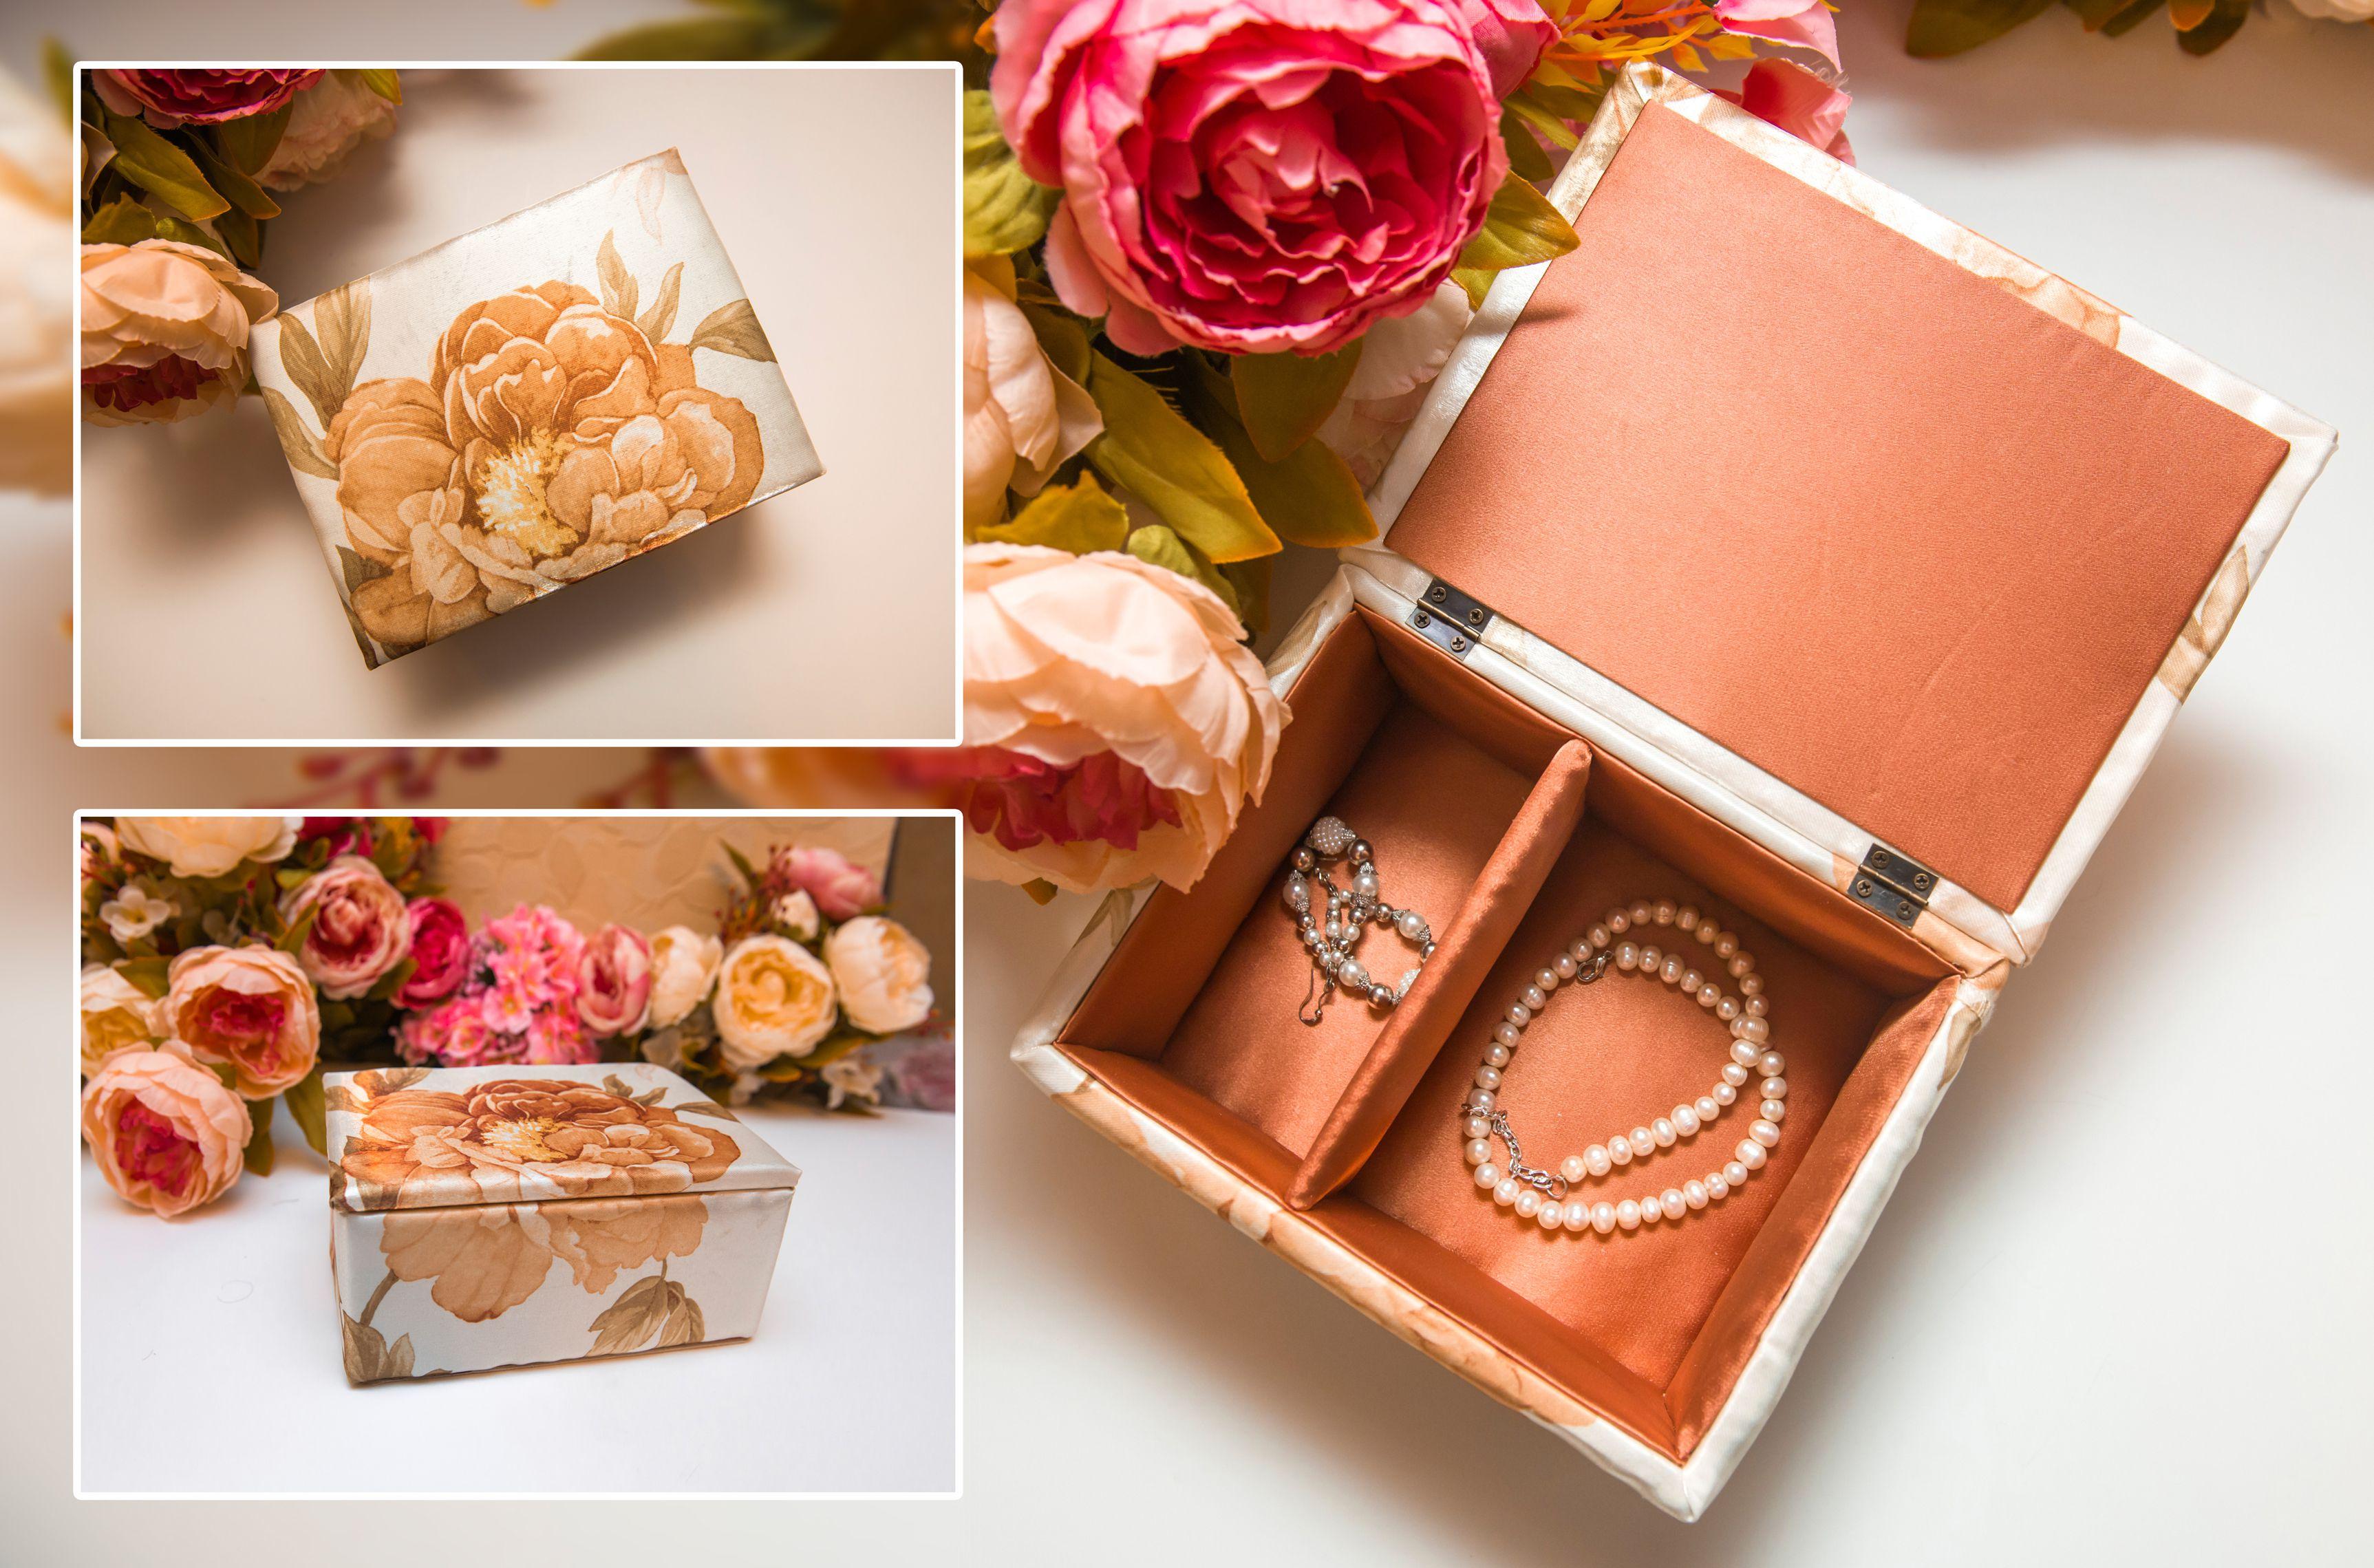 handmade gift casket